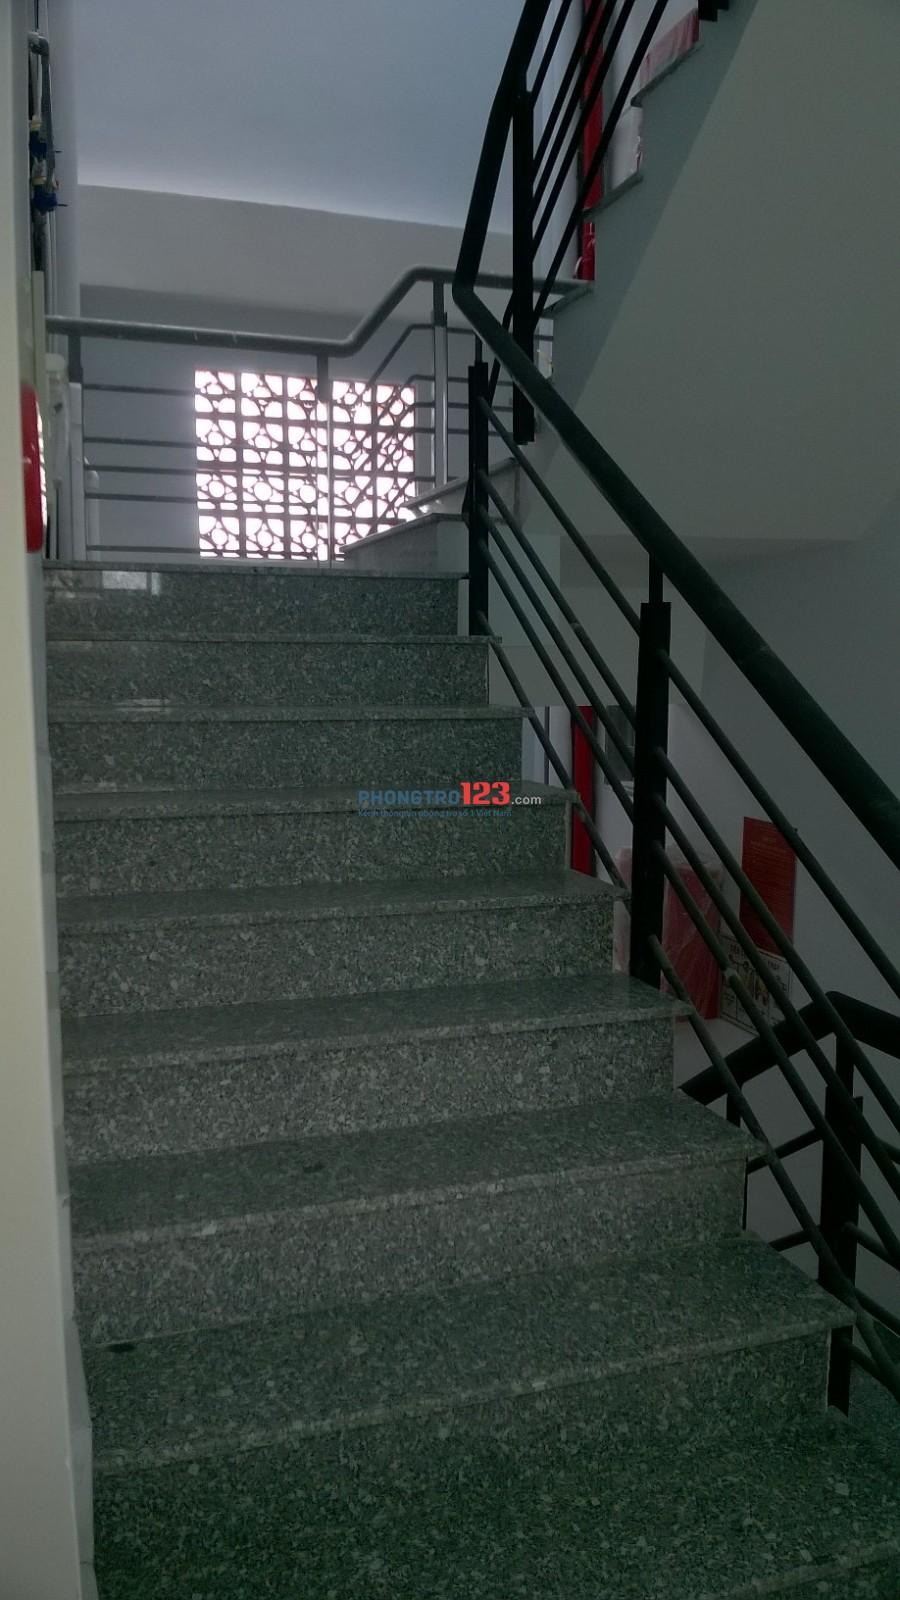 Phòng cho thuê CÓ GÁC ĐẸP giá rẻ đường Lê Trọng Tấn, Tân Phú